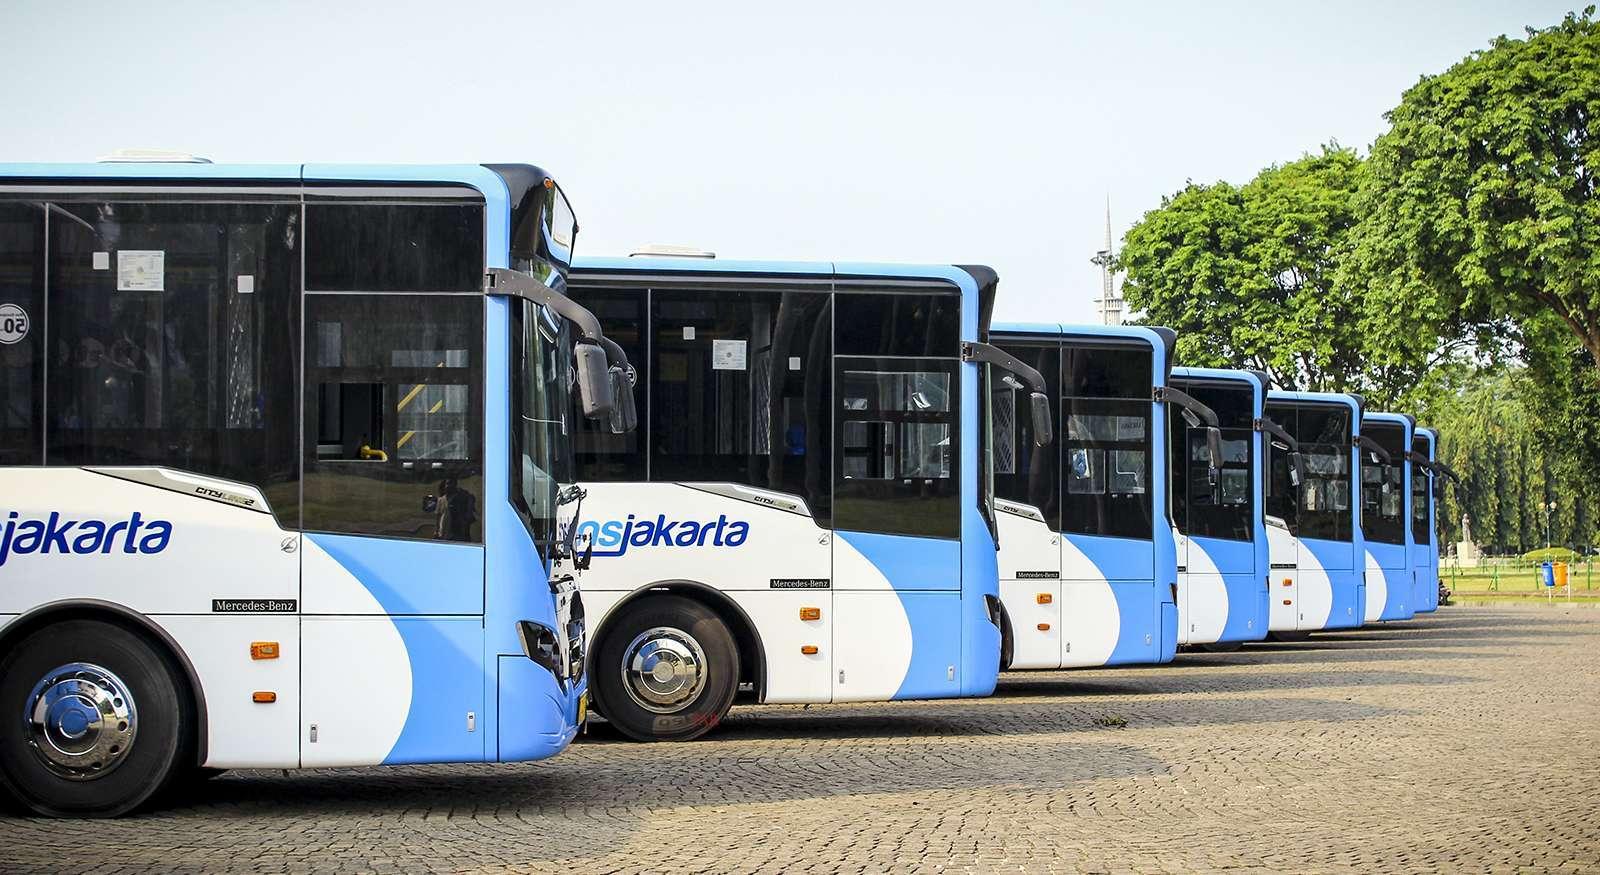 Terkait aksi damai 2 Desember, PT Transjakarta menegaskan akan tetap melayani penumpangnya pada tanggal tersebut.